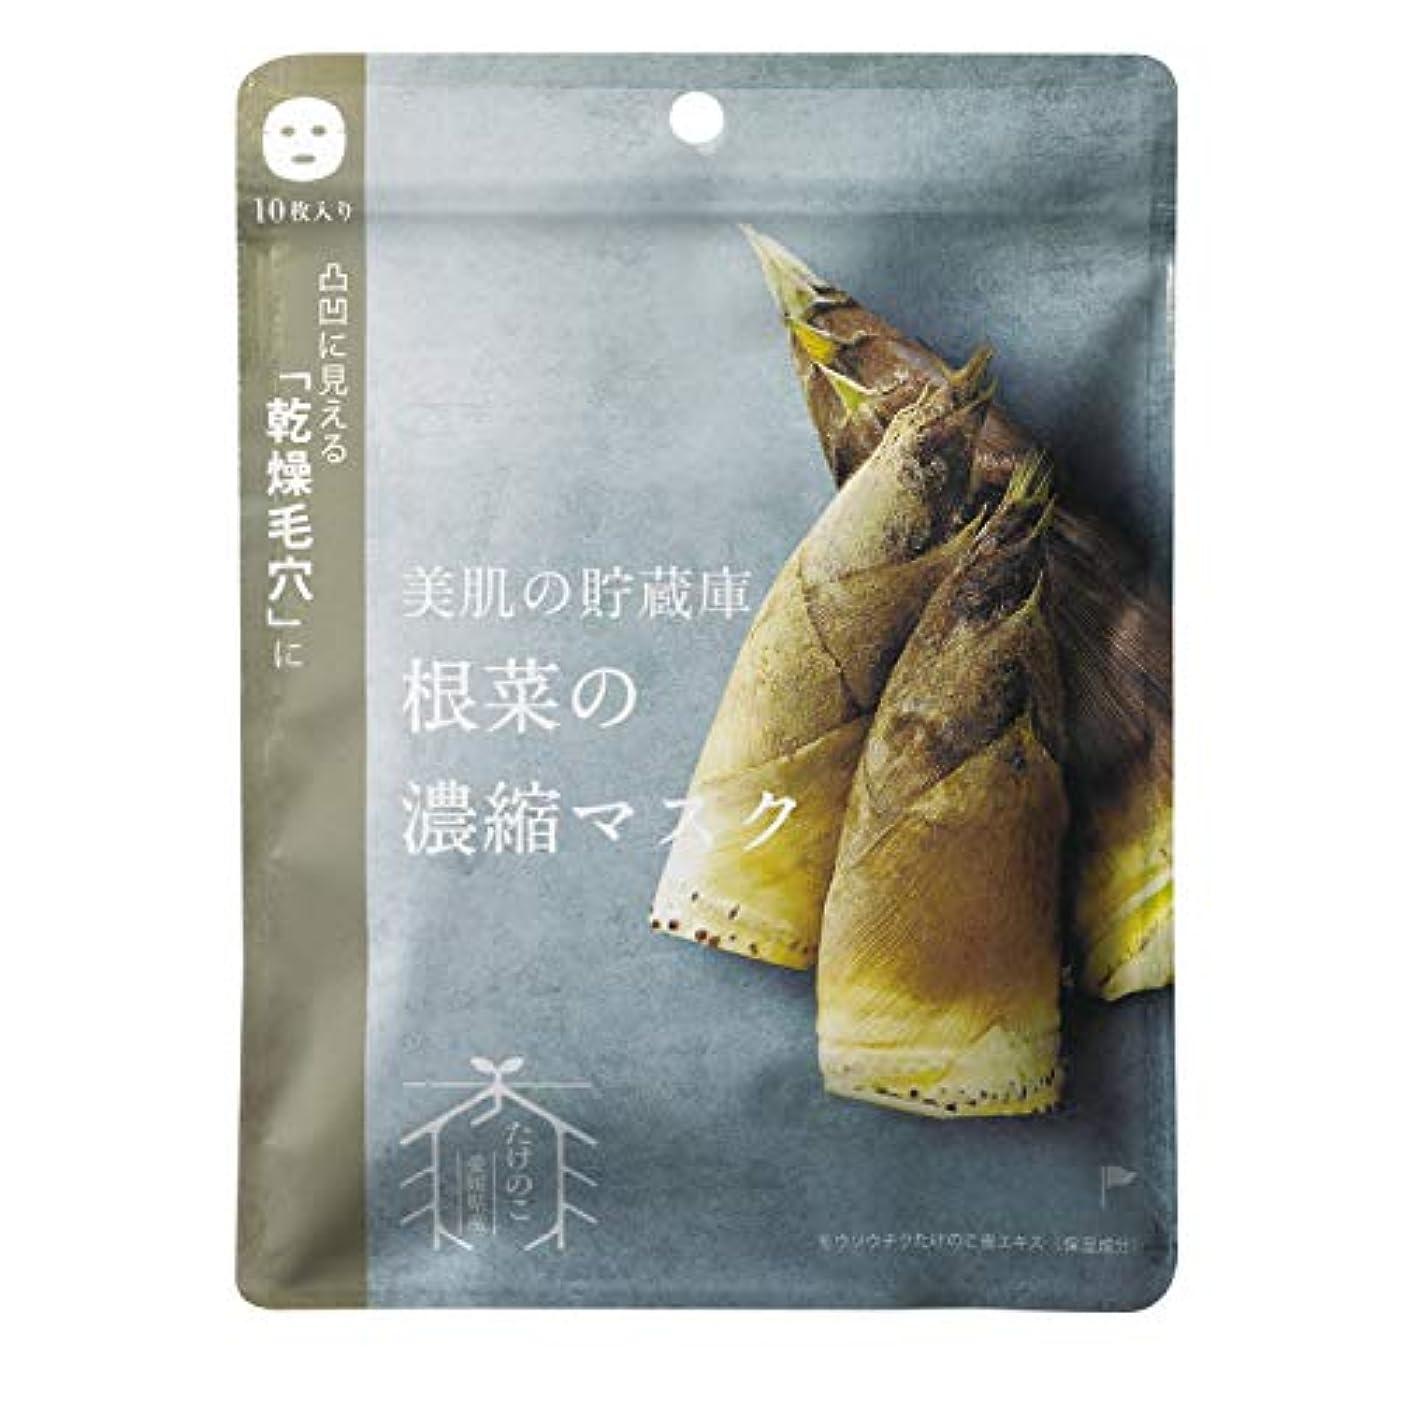 効果的生議論する@cosme nippon 美肌の貯蔵庫 根菜の濃縮マスク 孟宗竹たけのこ 10枚 160ml